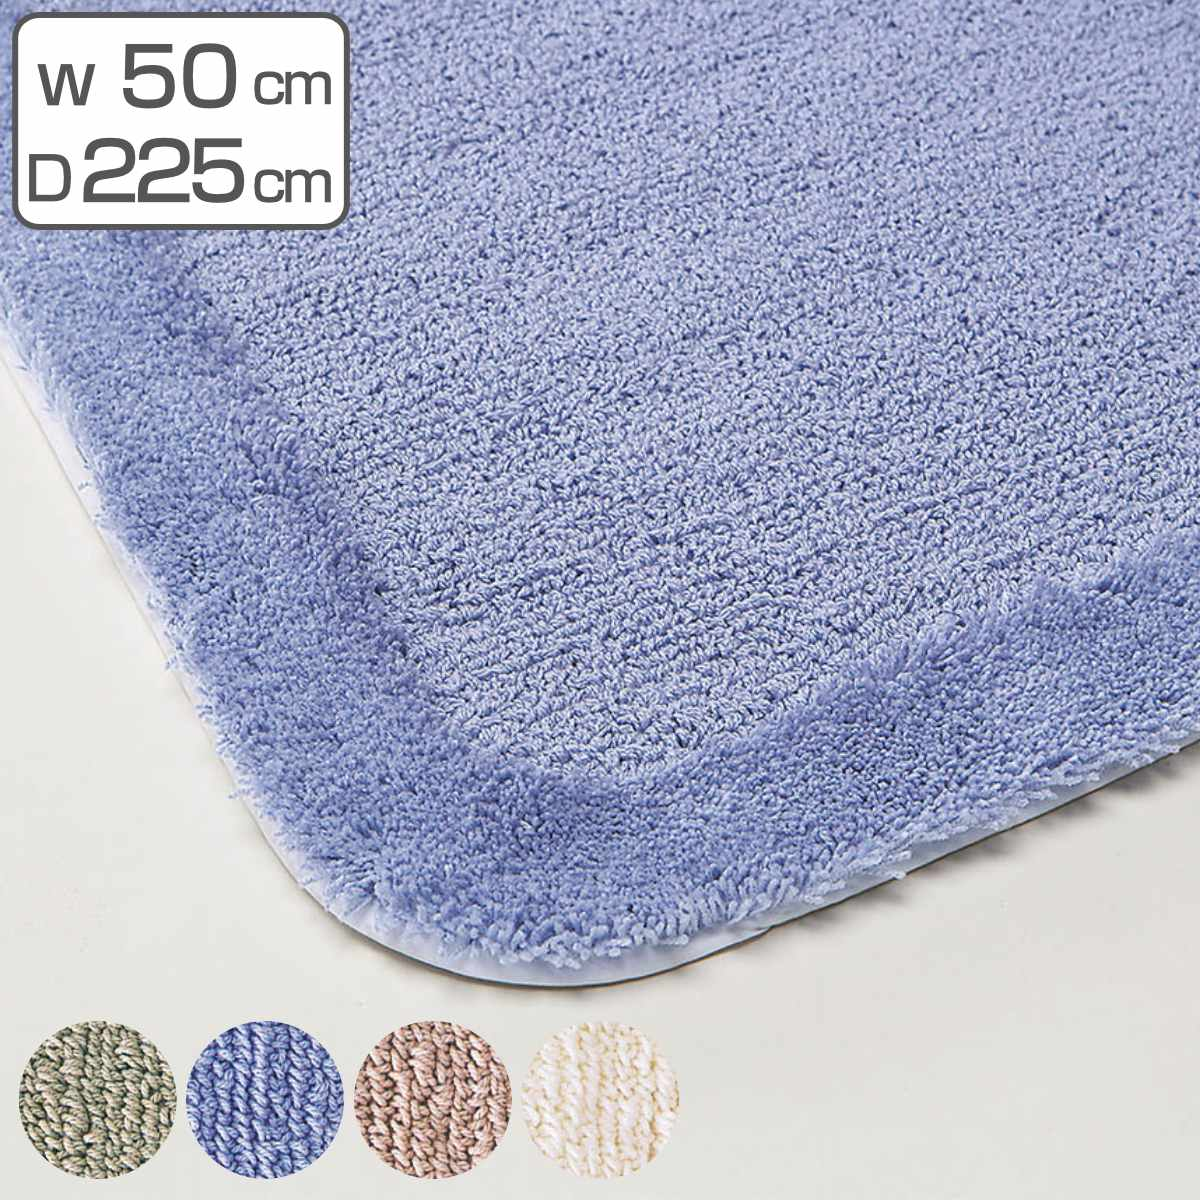 バスマット業務用 吸水ループパイル ノンスリップ抗菌仕様 50×225  ( 足拭き 風呂マット 送料無料 )